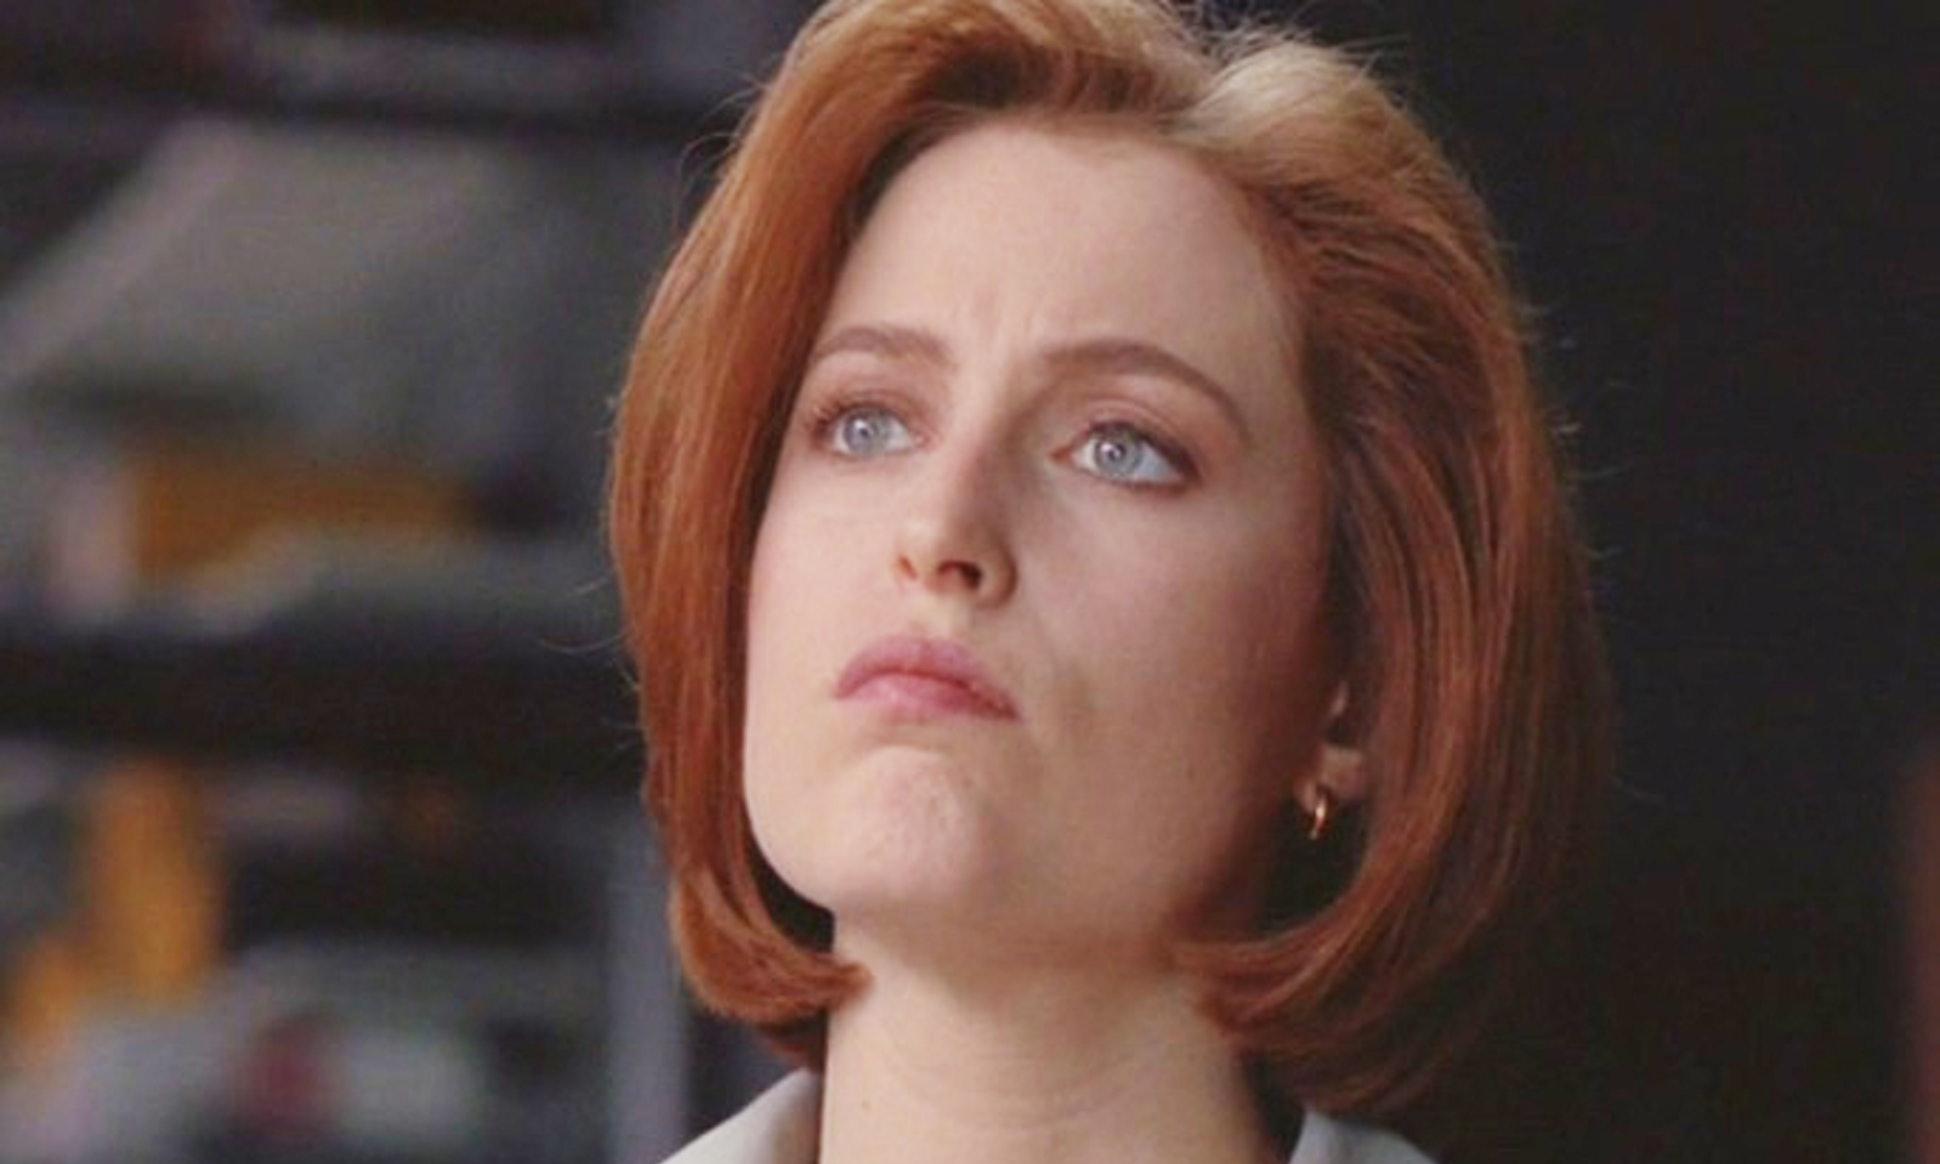 Scully, a woman in STEM in pop culture